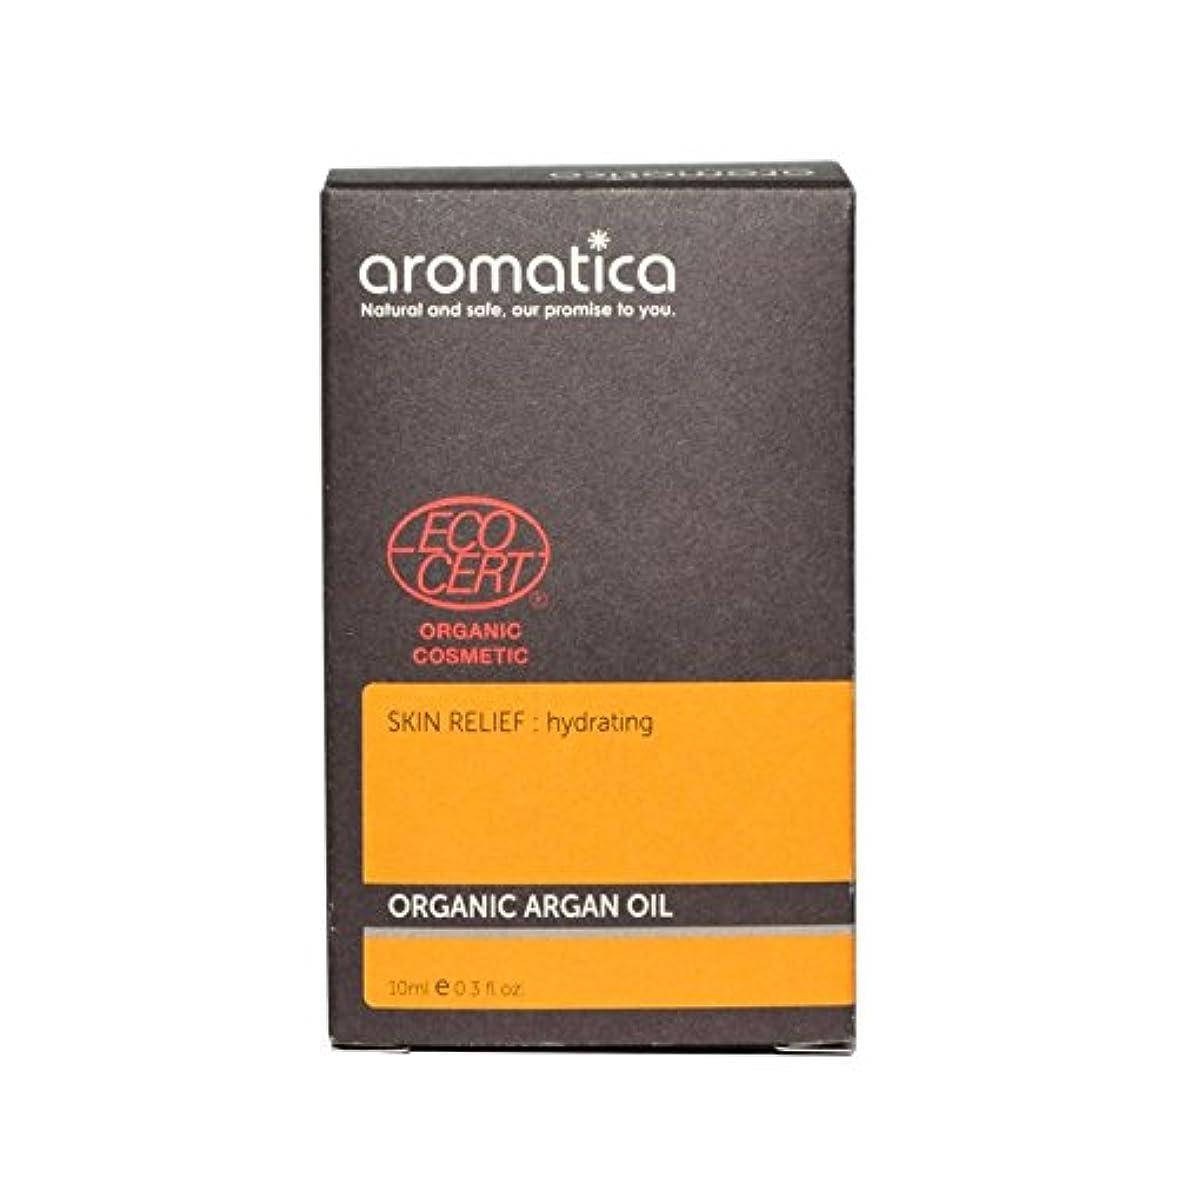 スリット疑い者消毒剤aromatica Organic Argan Oil 10ml - オーガニックアルガンオイル10ミリリットル [並行輸入品]